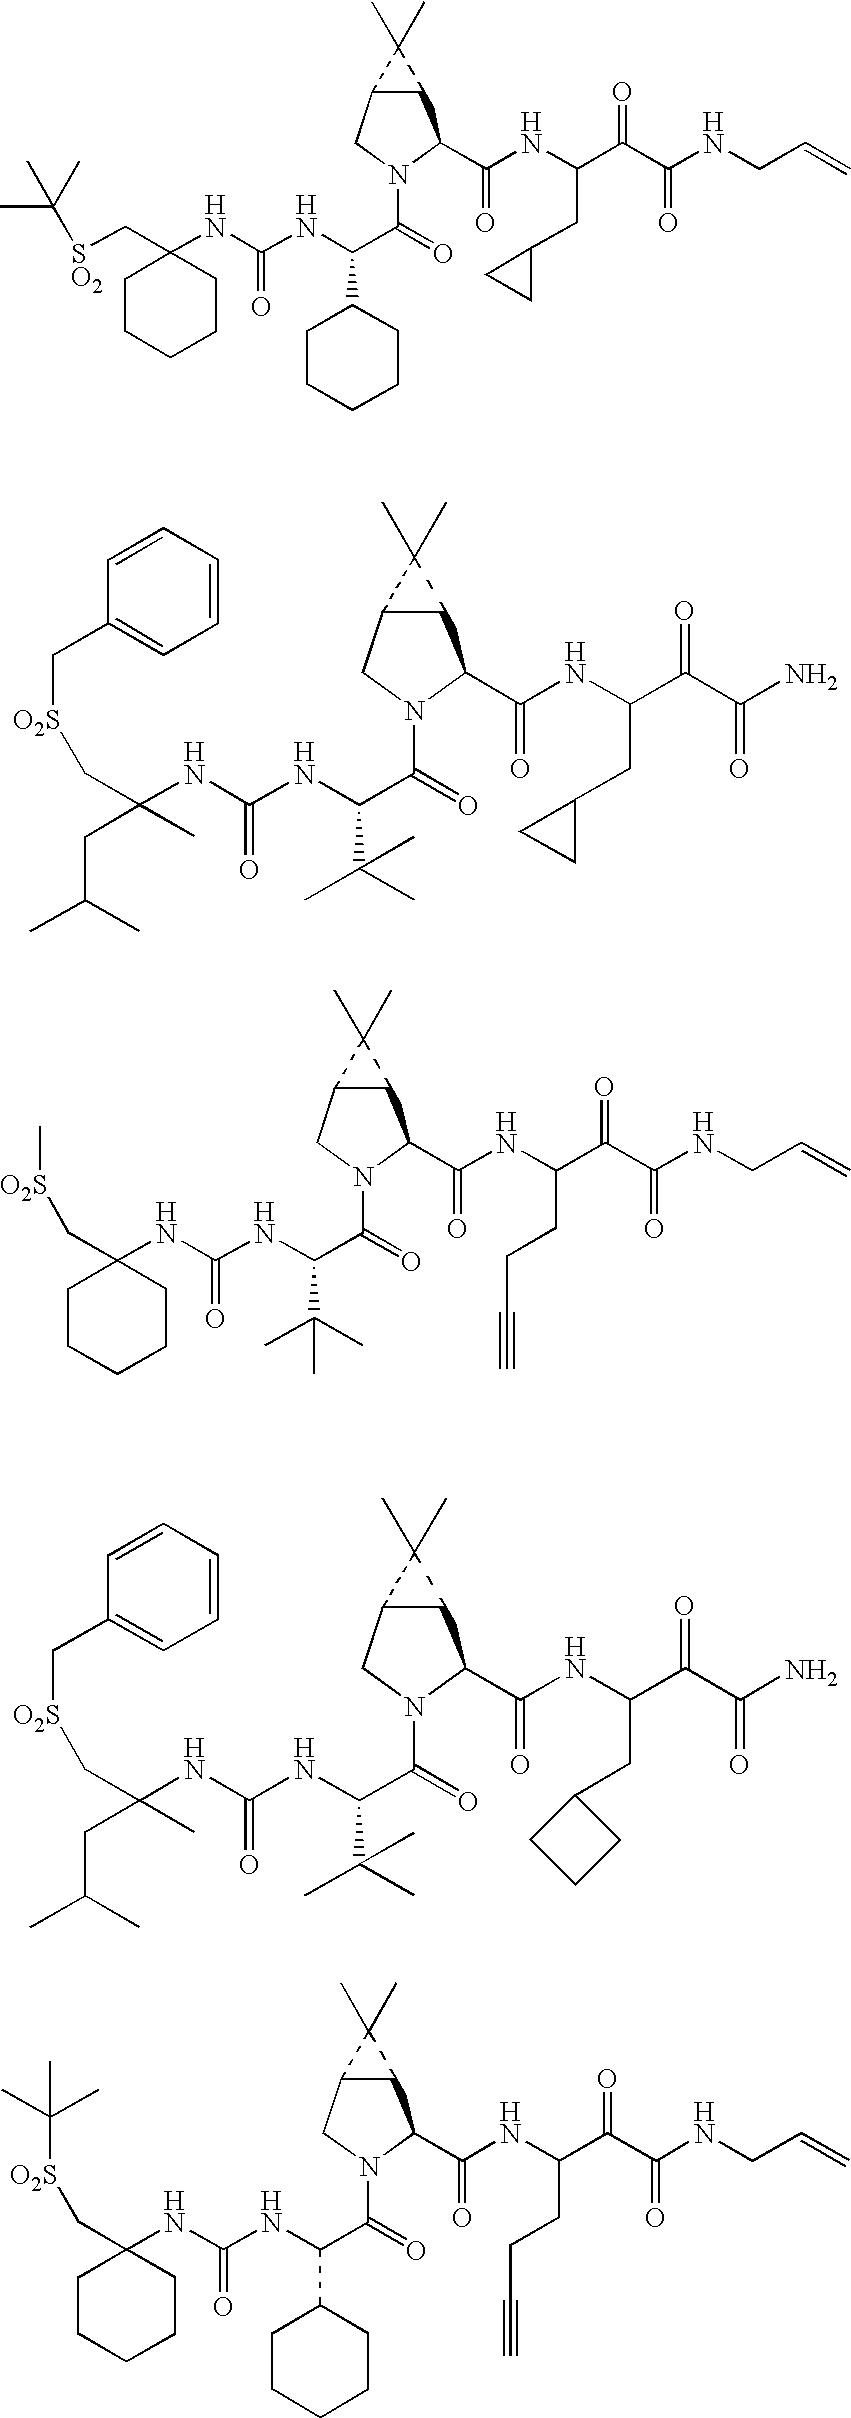 Figure US20060287248A1-20061221-C00452